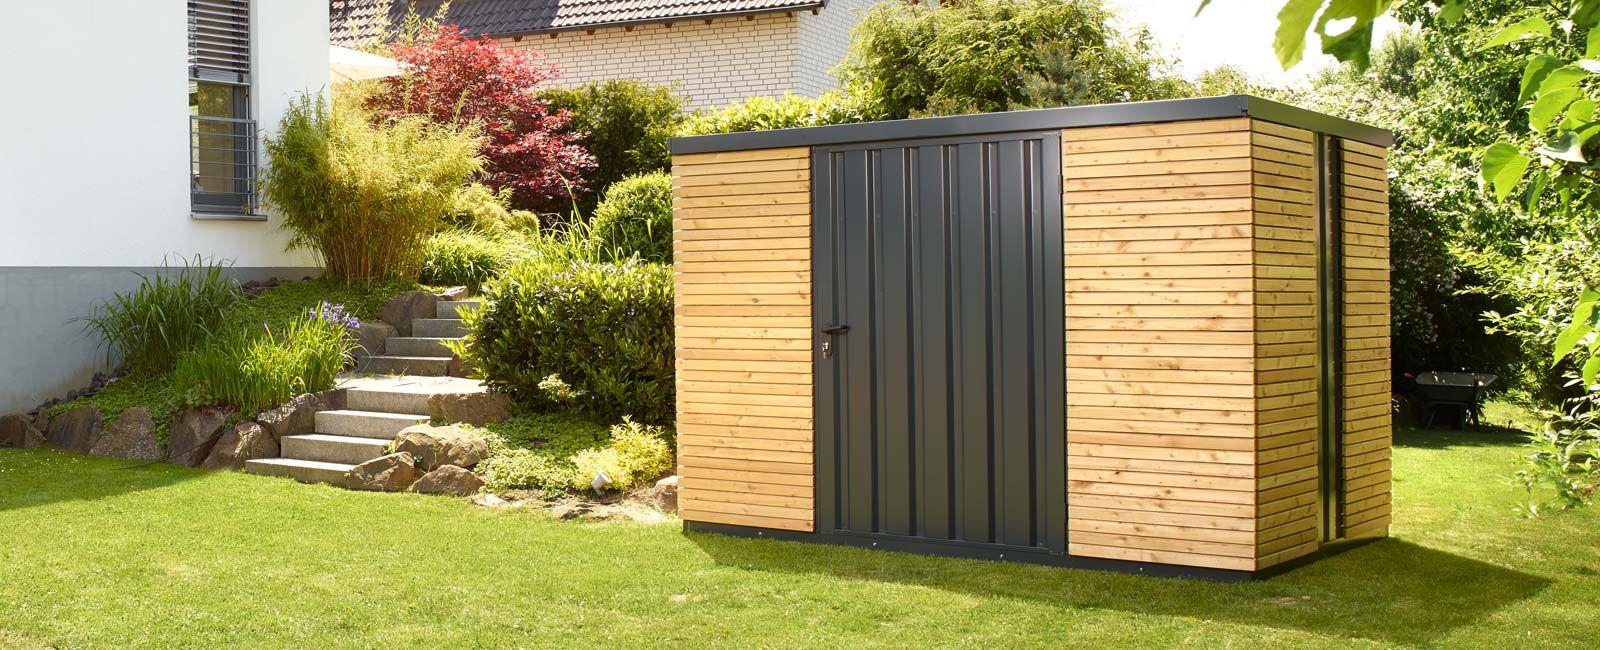 Gartenhaus Gardenboxx Das komplette DesignGartenhaus